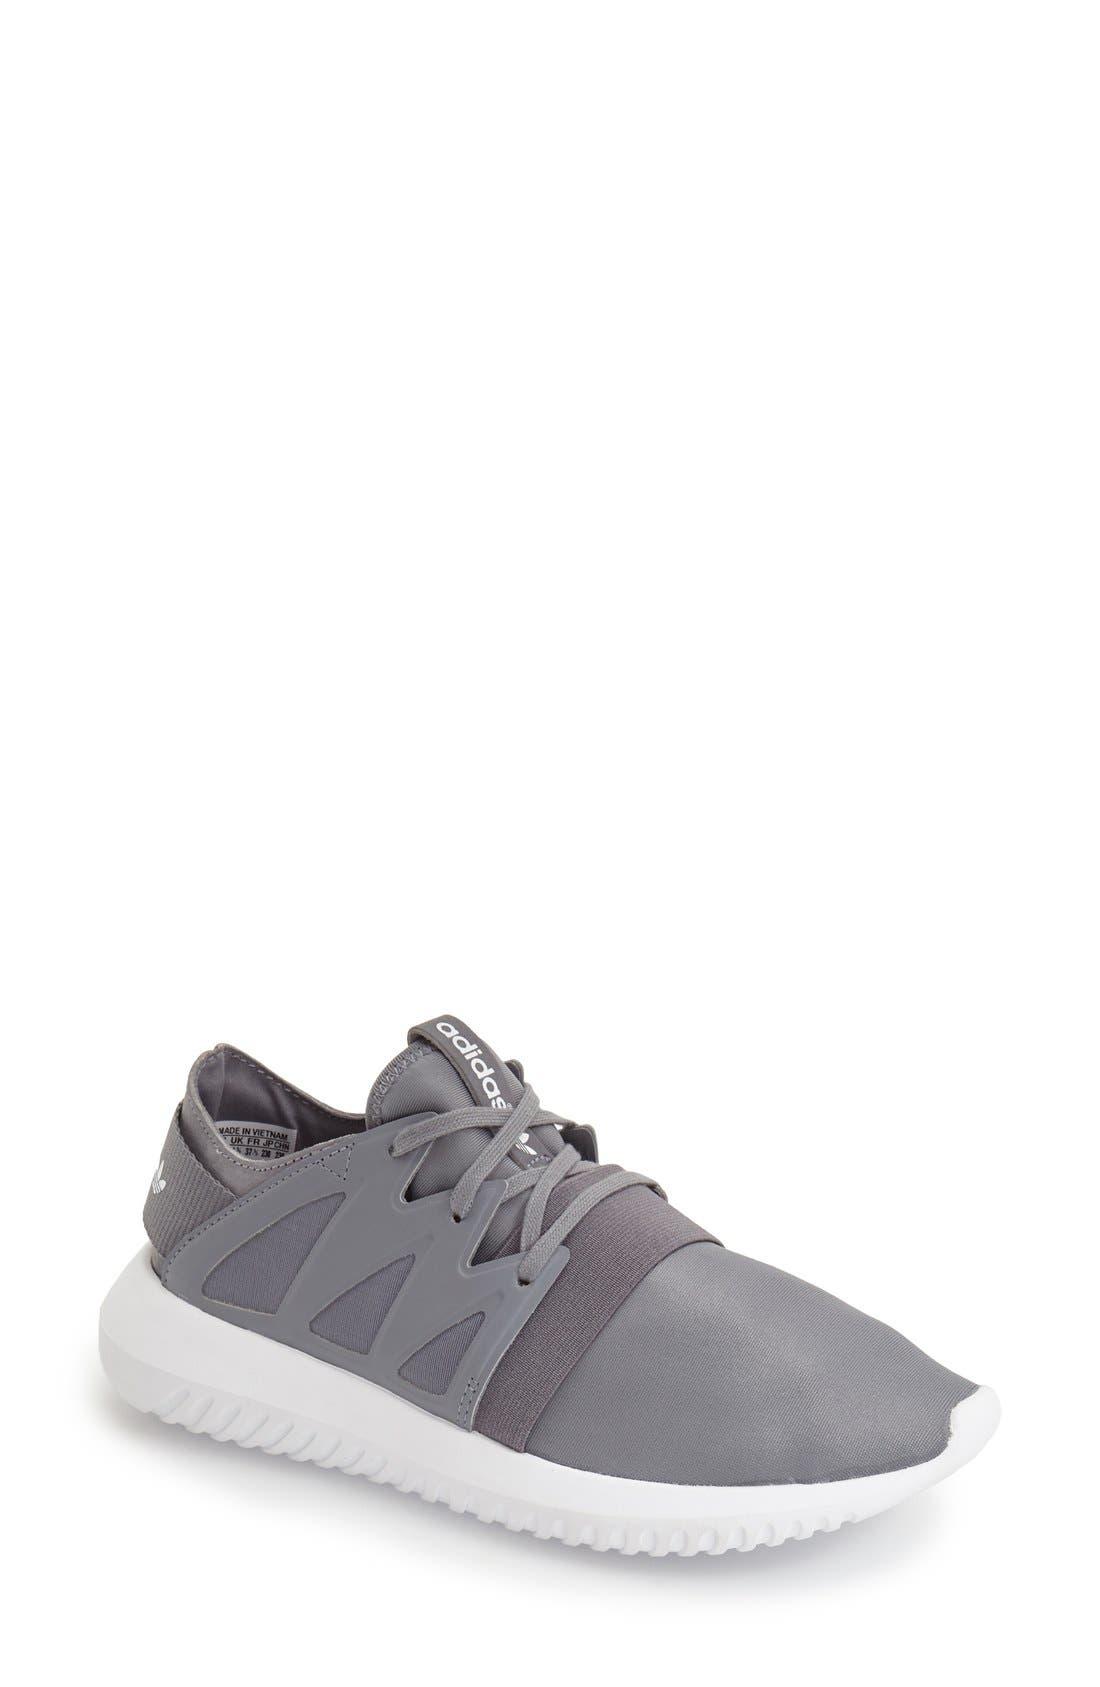 Main Image - adidas 'Tubular Viral' Sneaker (Women)